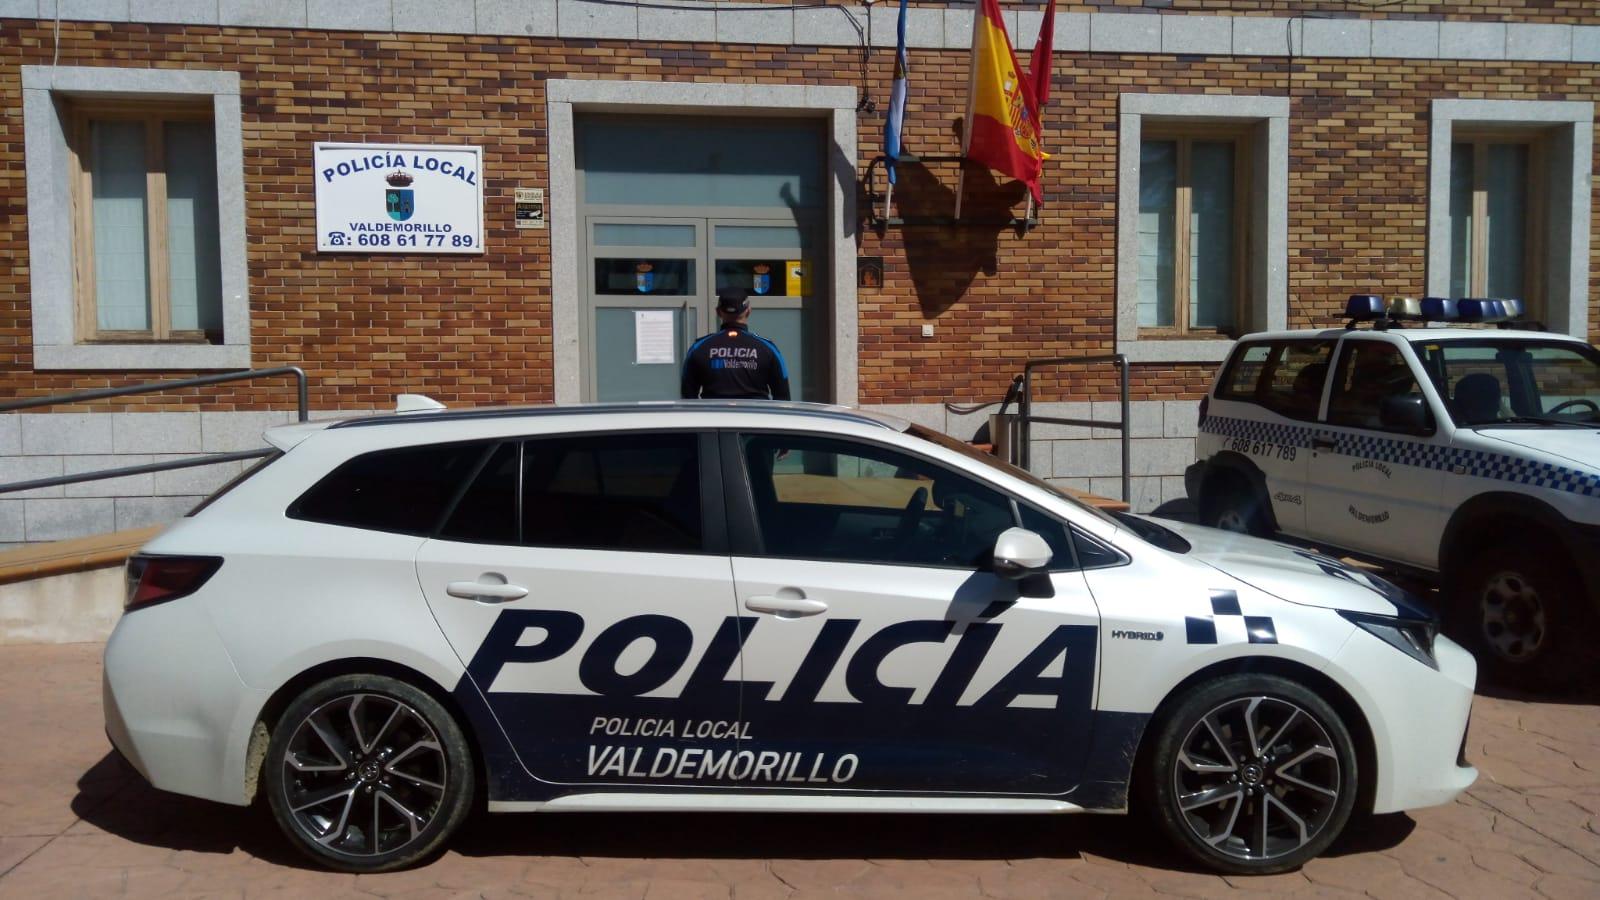 Gran actuación de la Policía Local de Valdemorillo al ayudar a una parturienta que se desangraba a llegar al Hospital Puerta de Hierro donde pudo ser atendida junto a su bebé